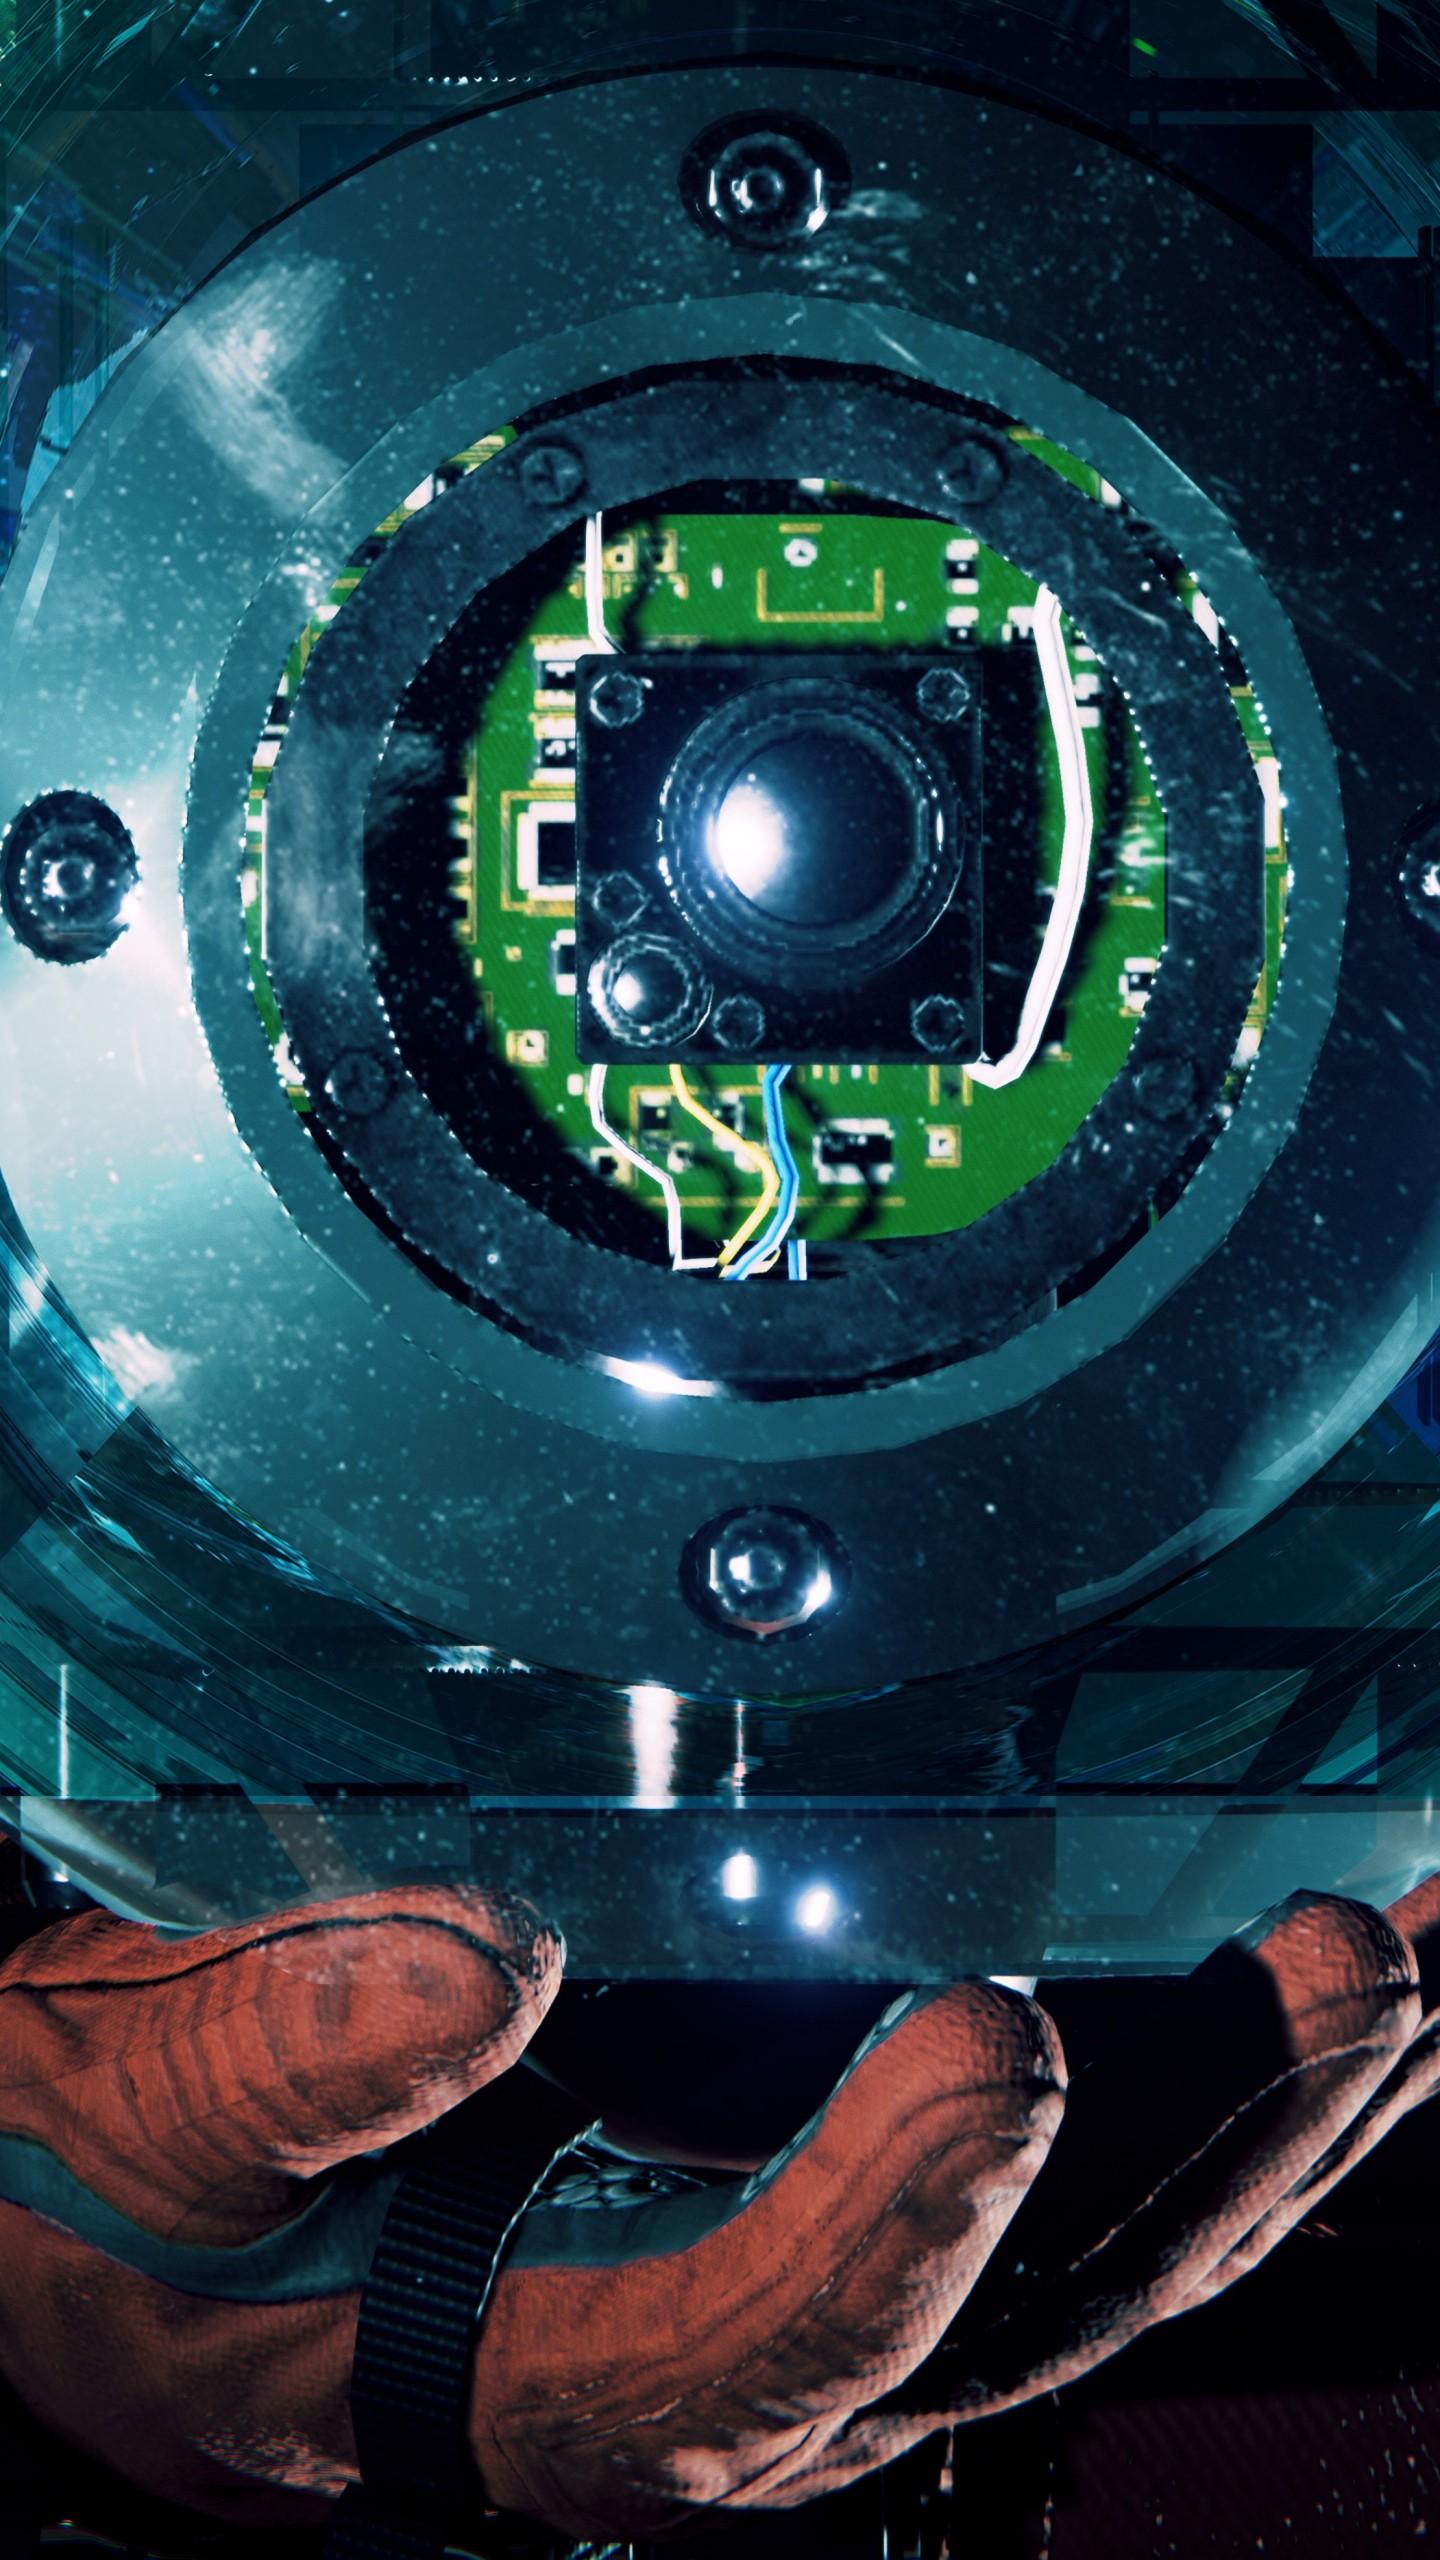 Wallpaper Observation poster 5K Games 21526 1440x2560